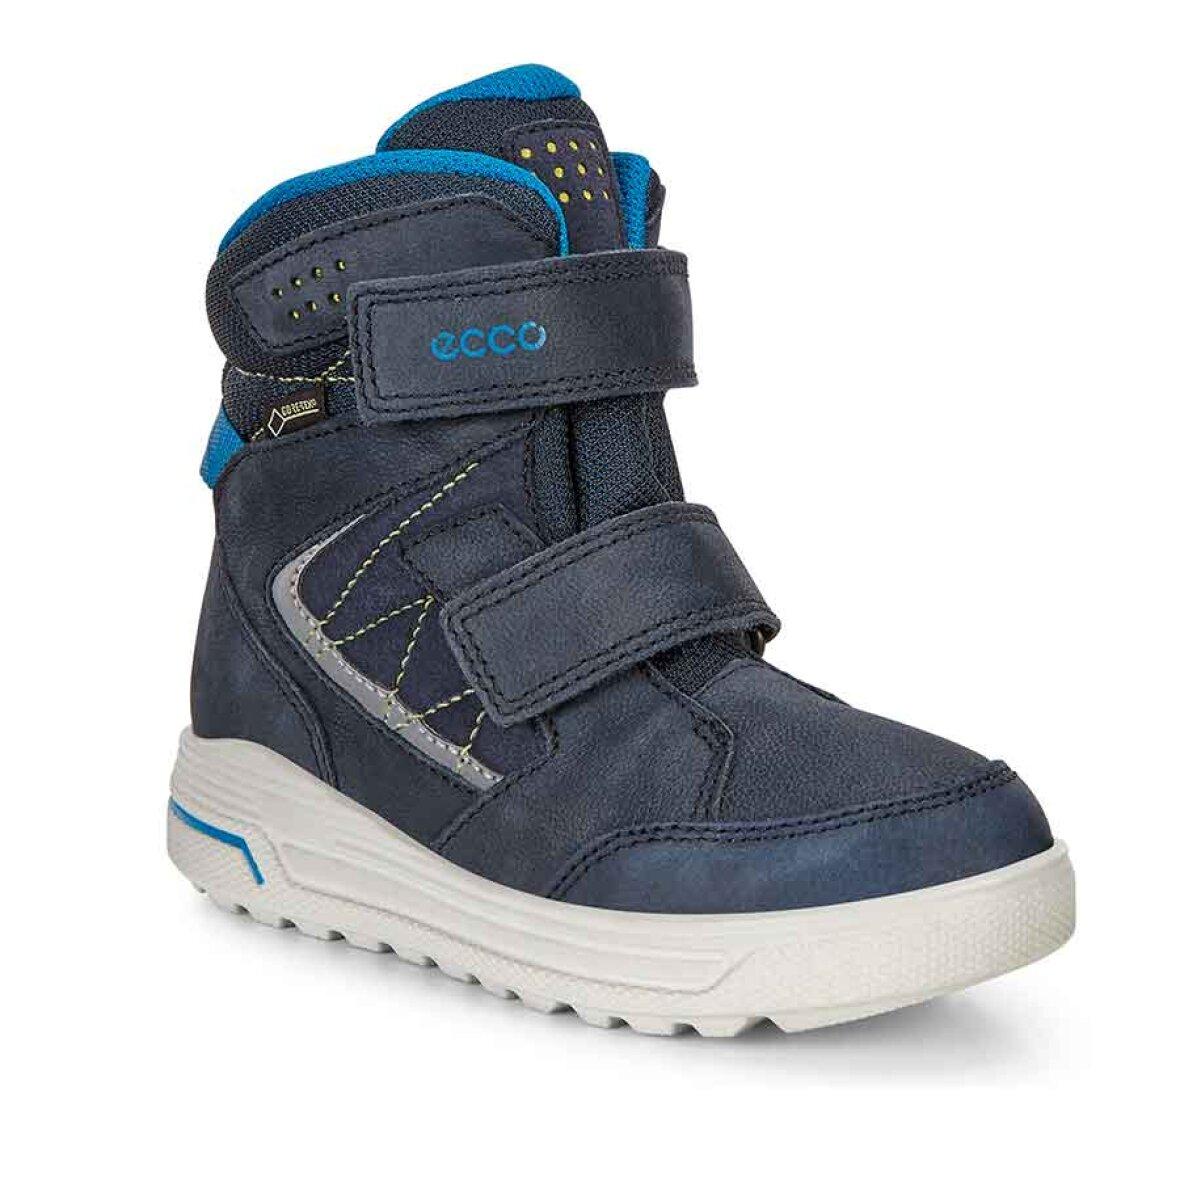 37d10ec4c28 Skøn børnestøvle! | Ecco - Urban Snowboarder Night Sky - Køb her!